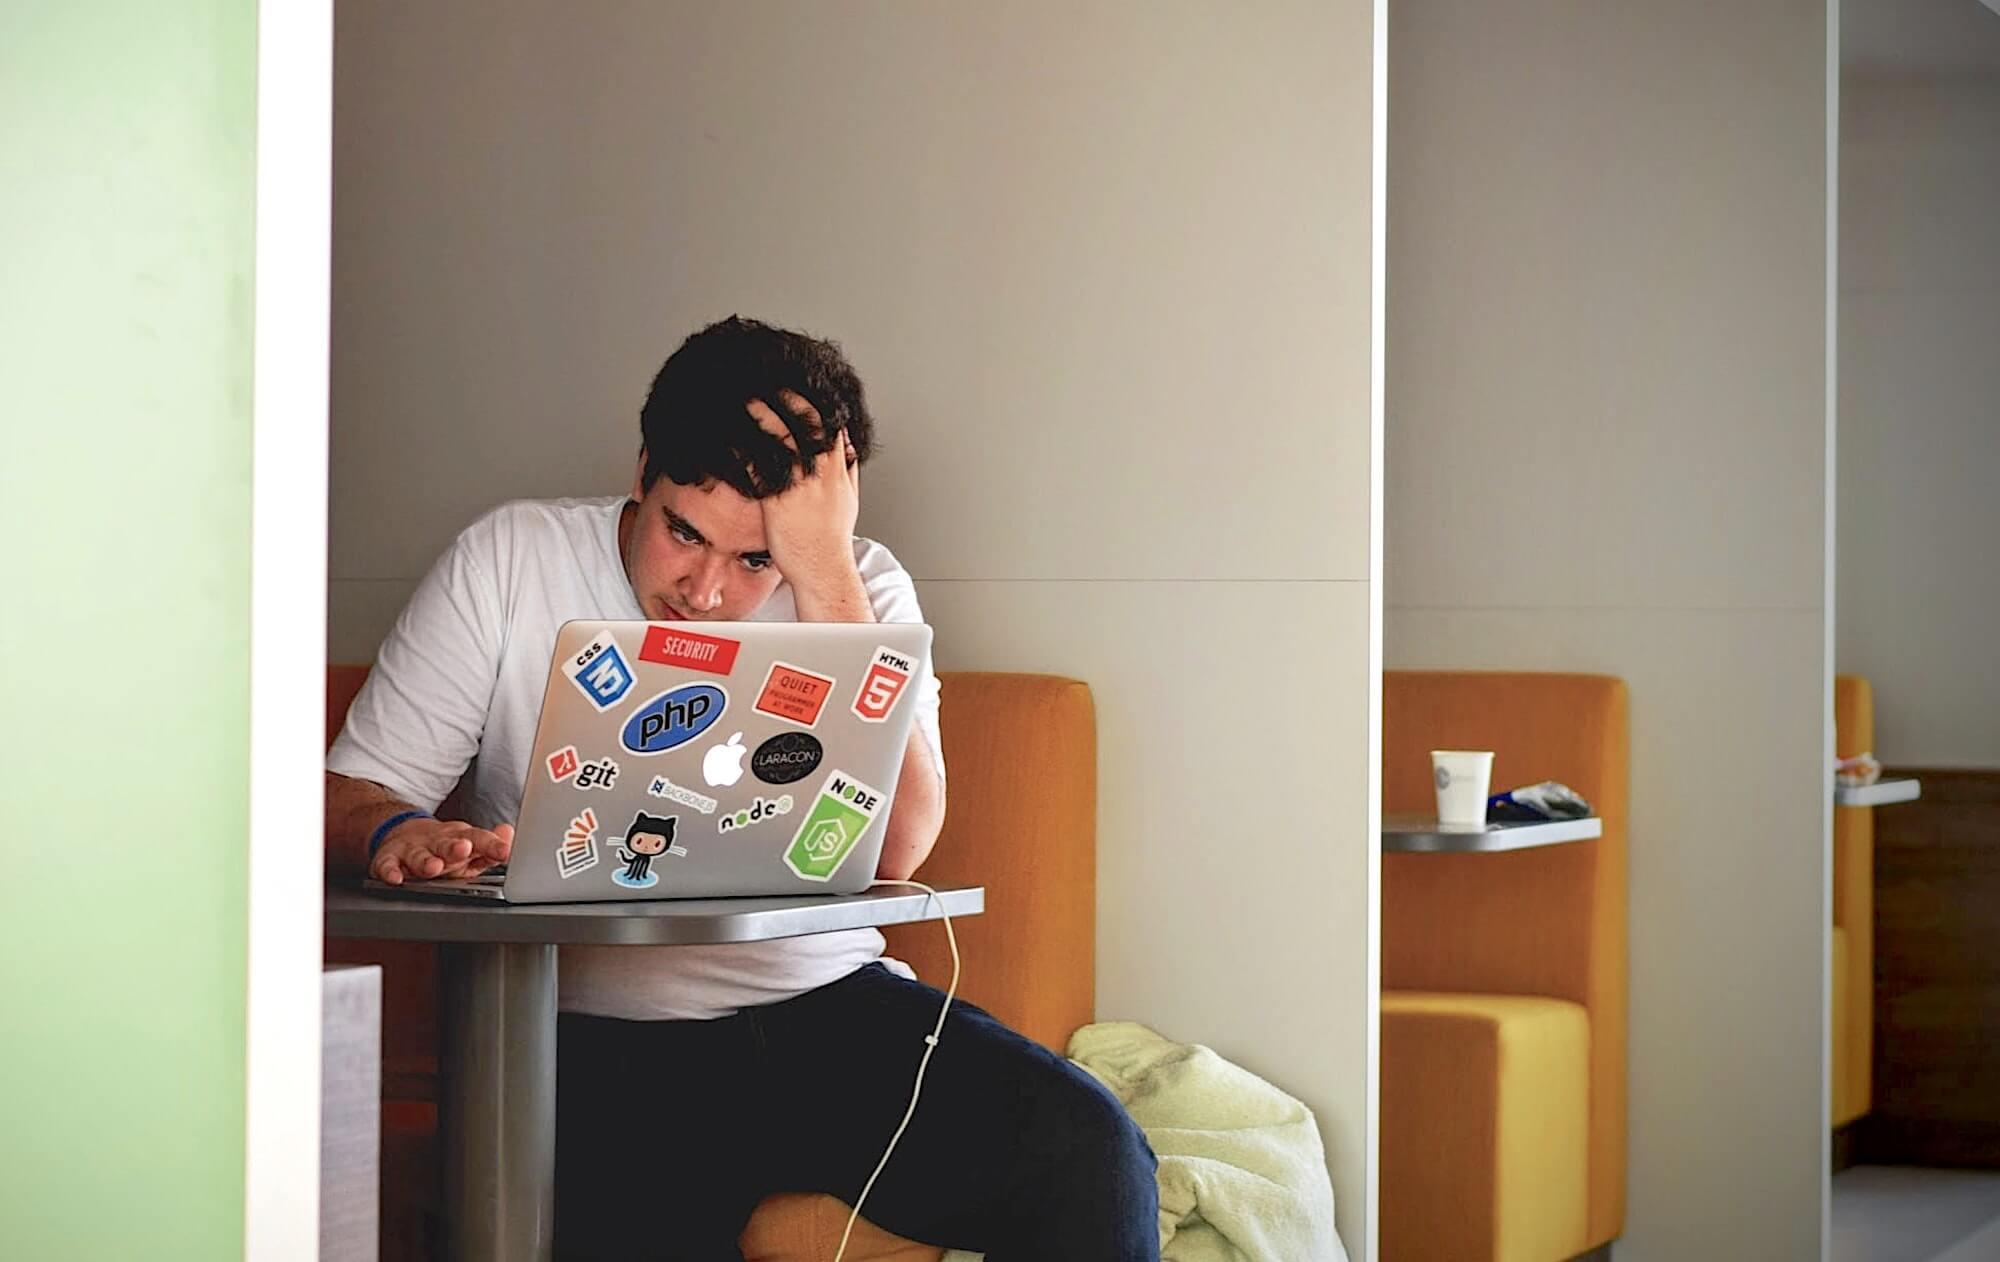 «Коллеги, дышите потише»: почему офисный шум сводит нас с ума — обсуждаем исследования - 2